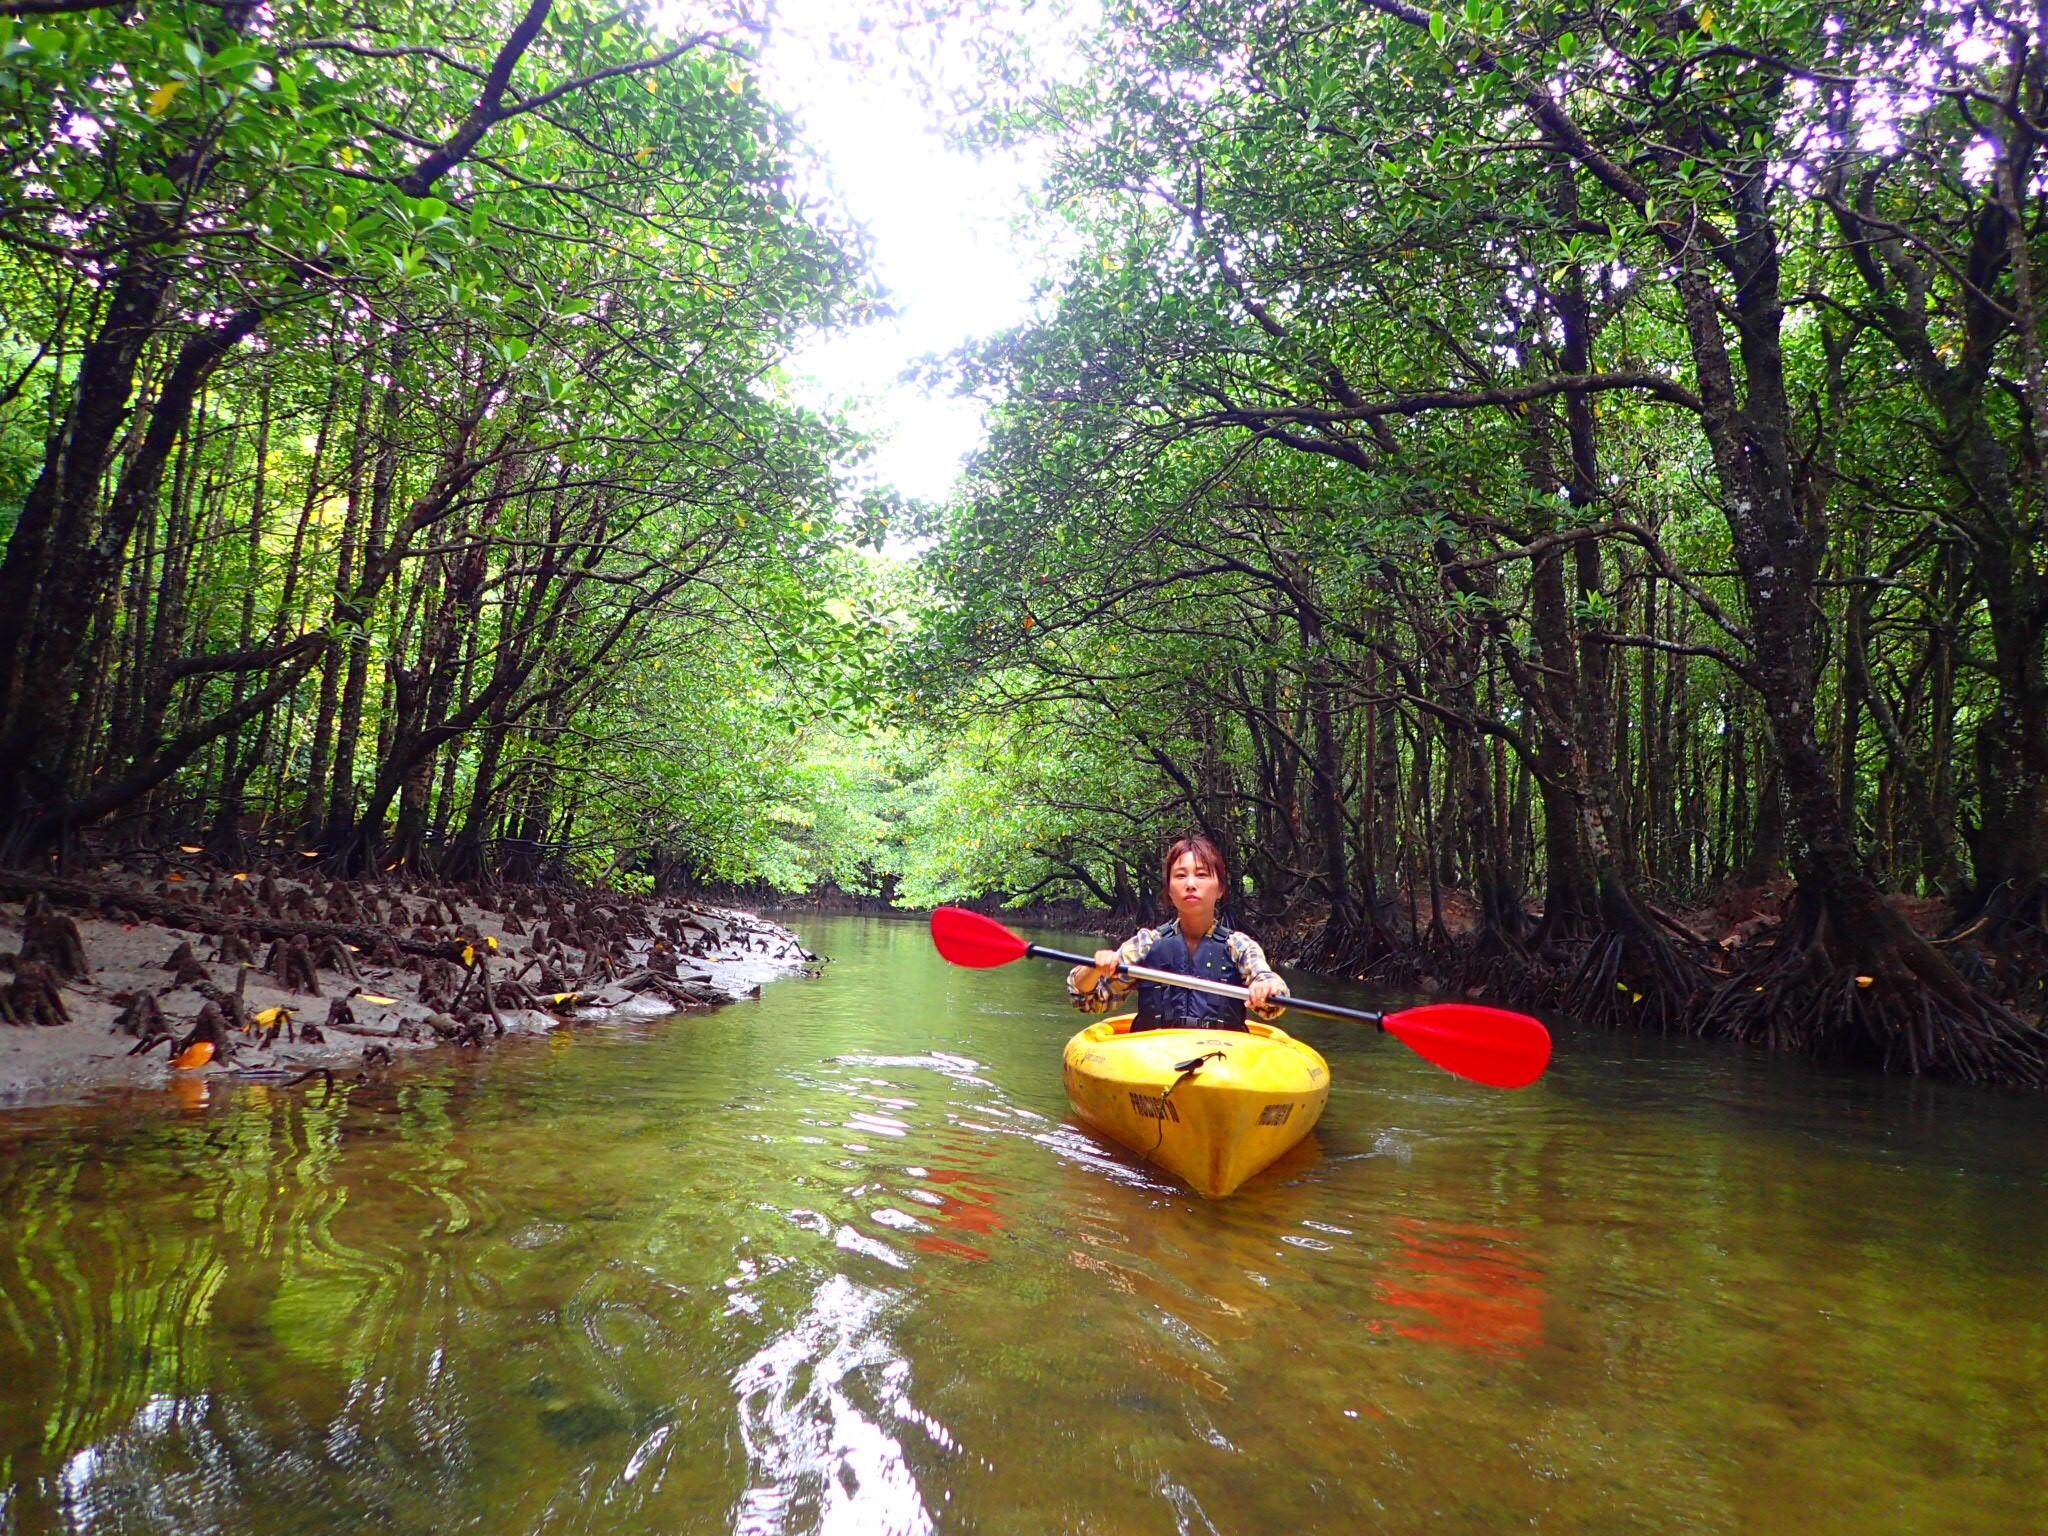 マングローブの中をカヌーで進む女性